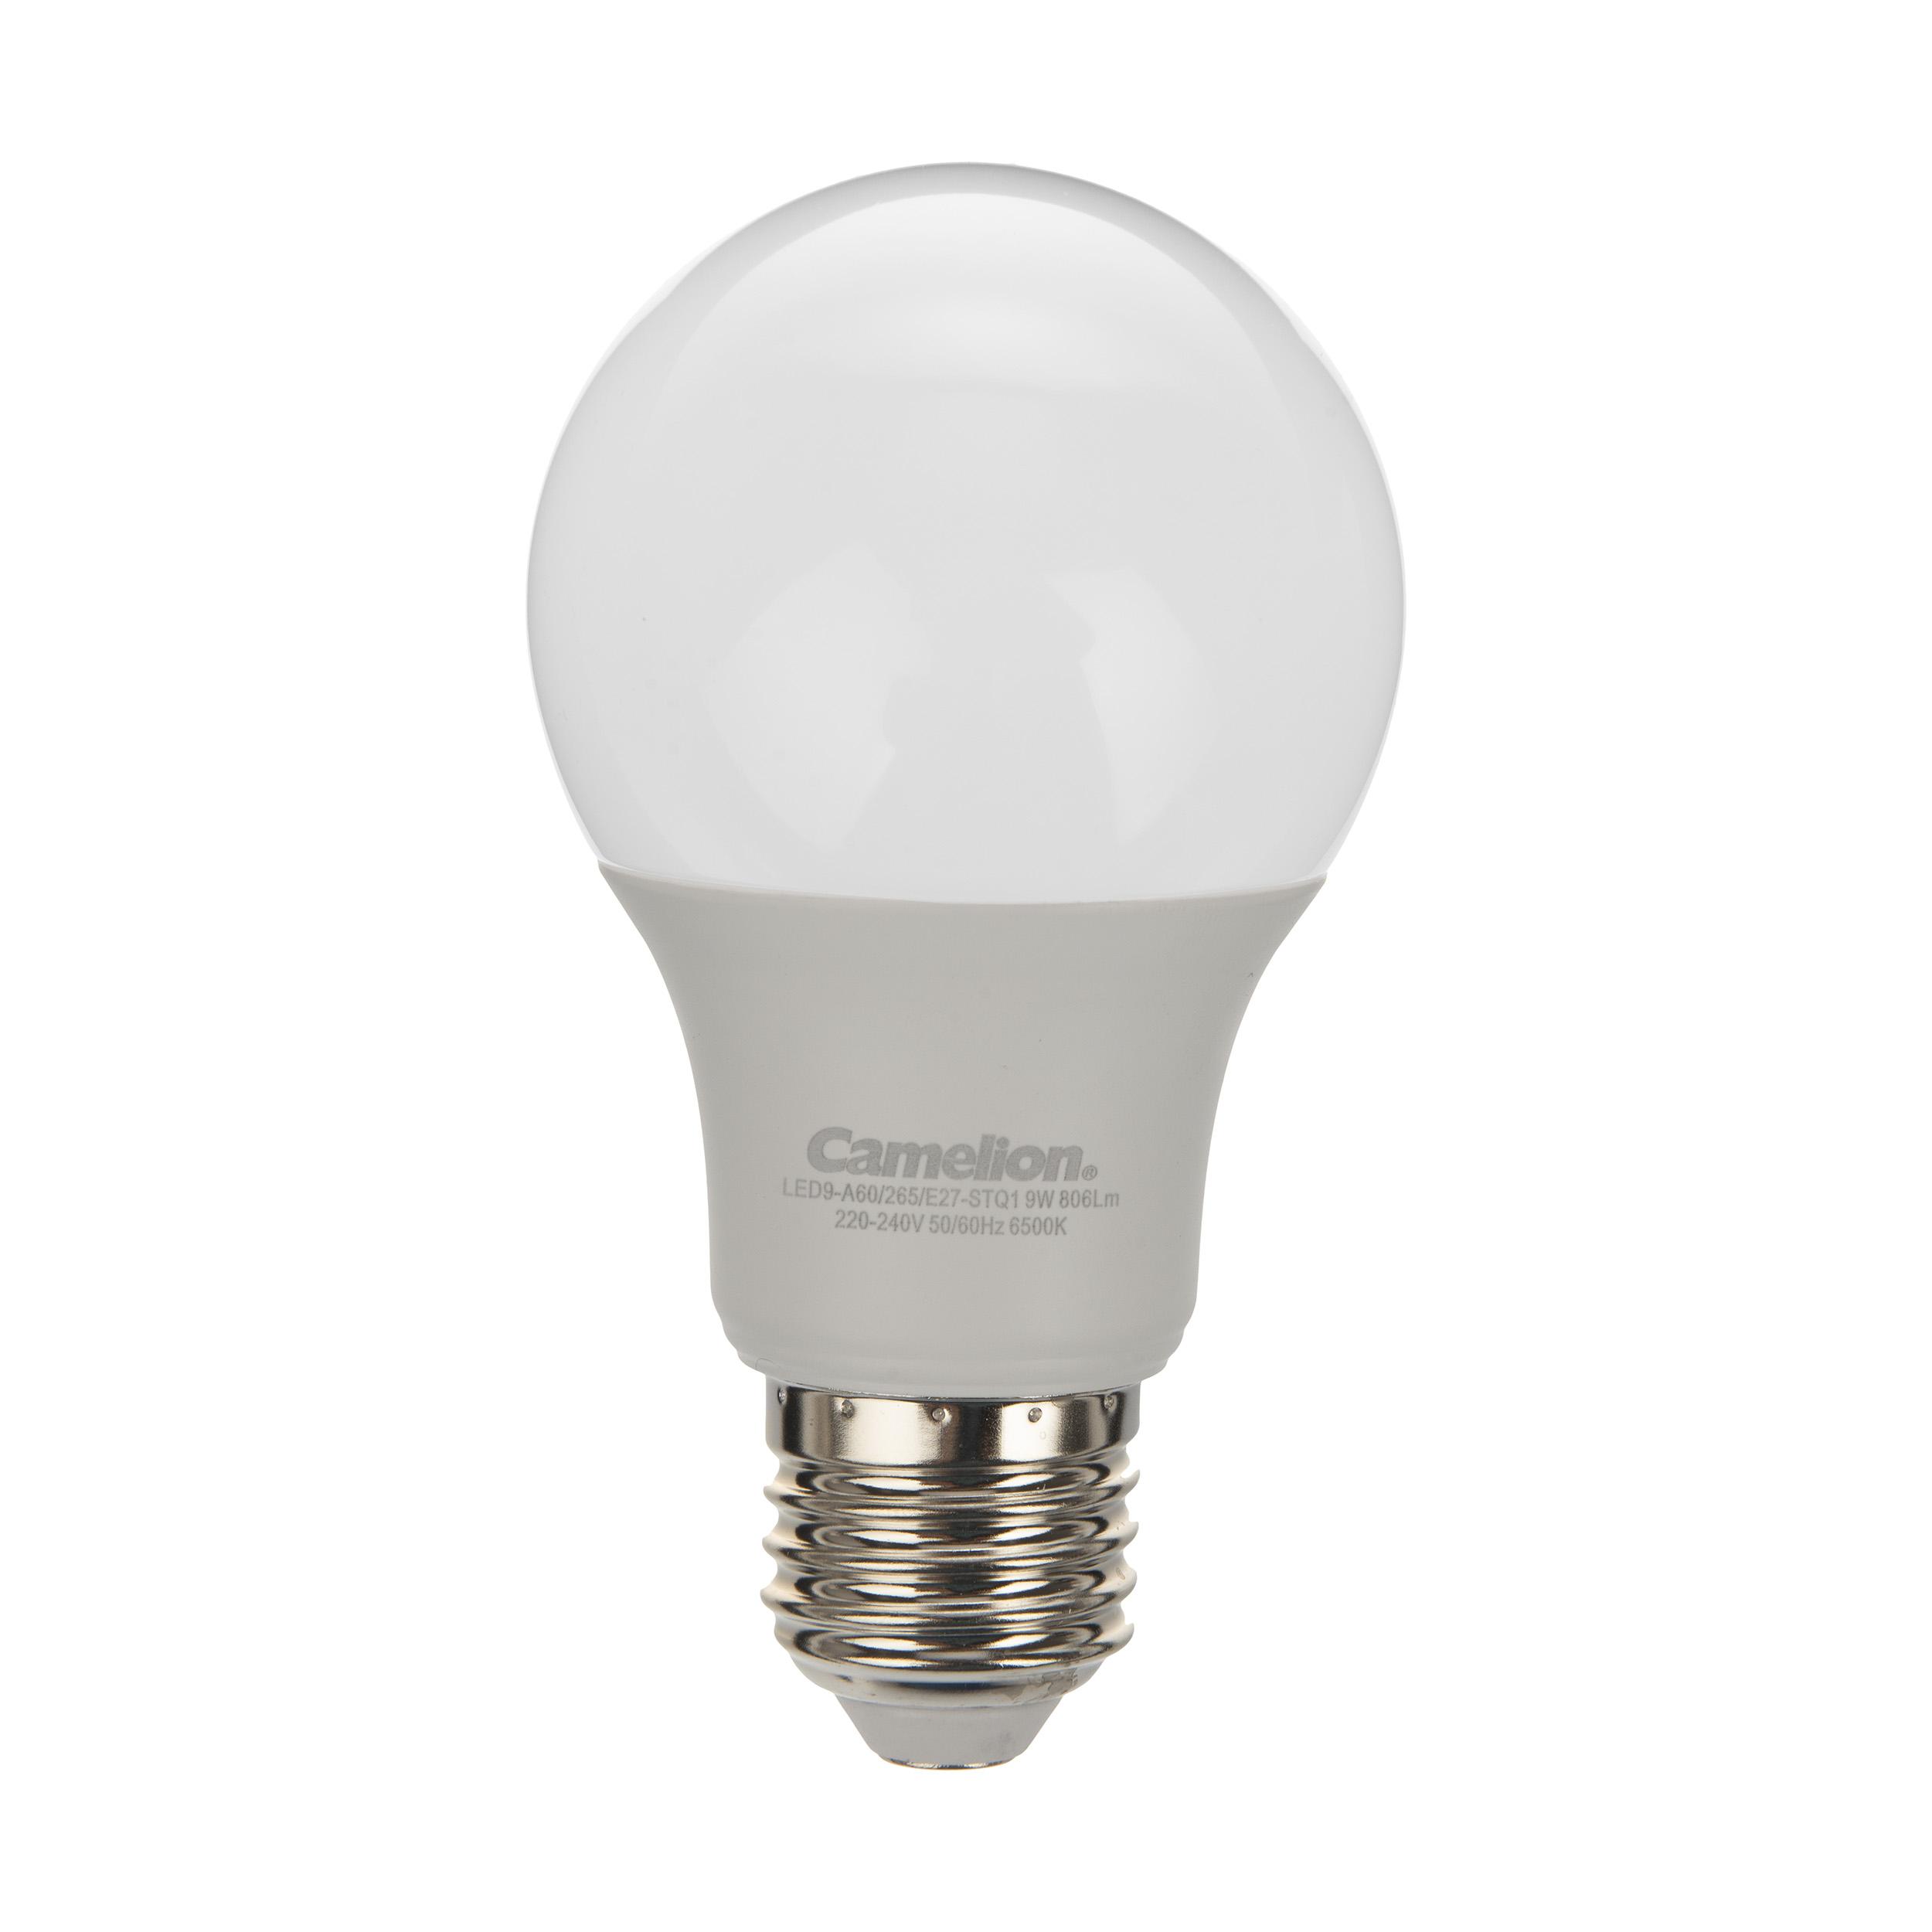 لامپ ال ای دی 9 وات کملیون مدل STQ1 پایه E27